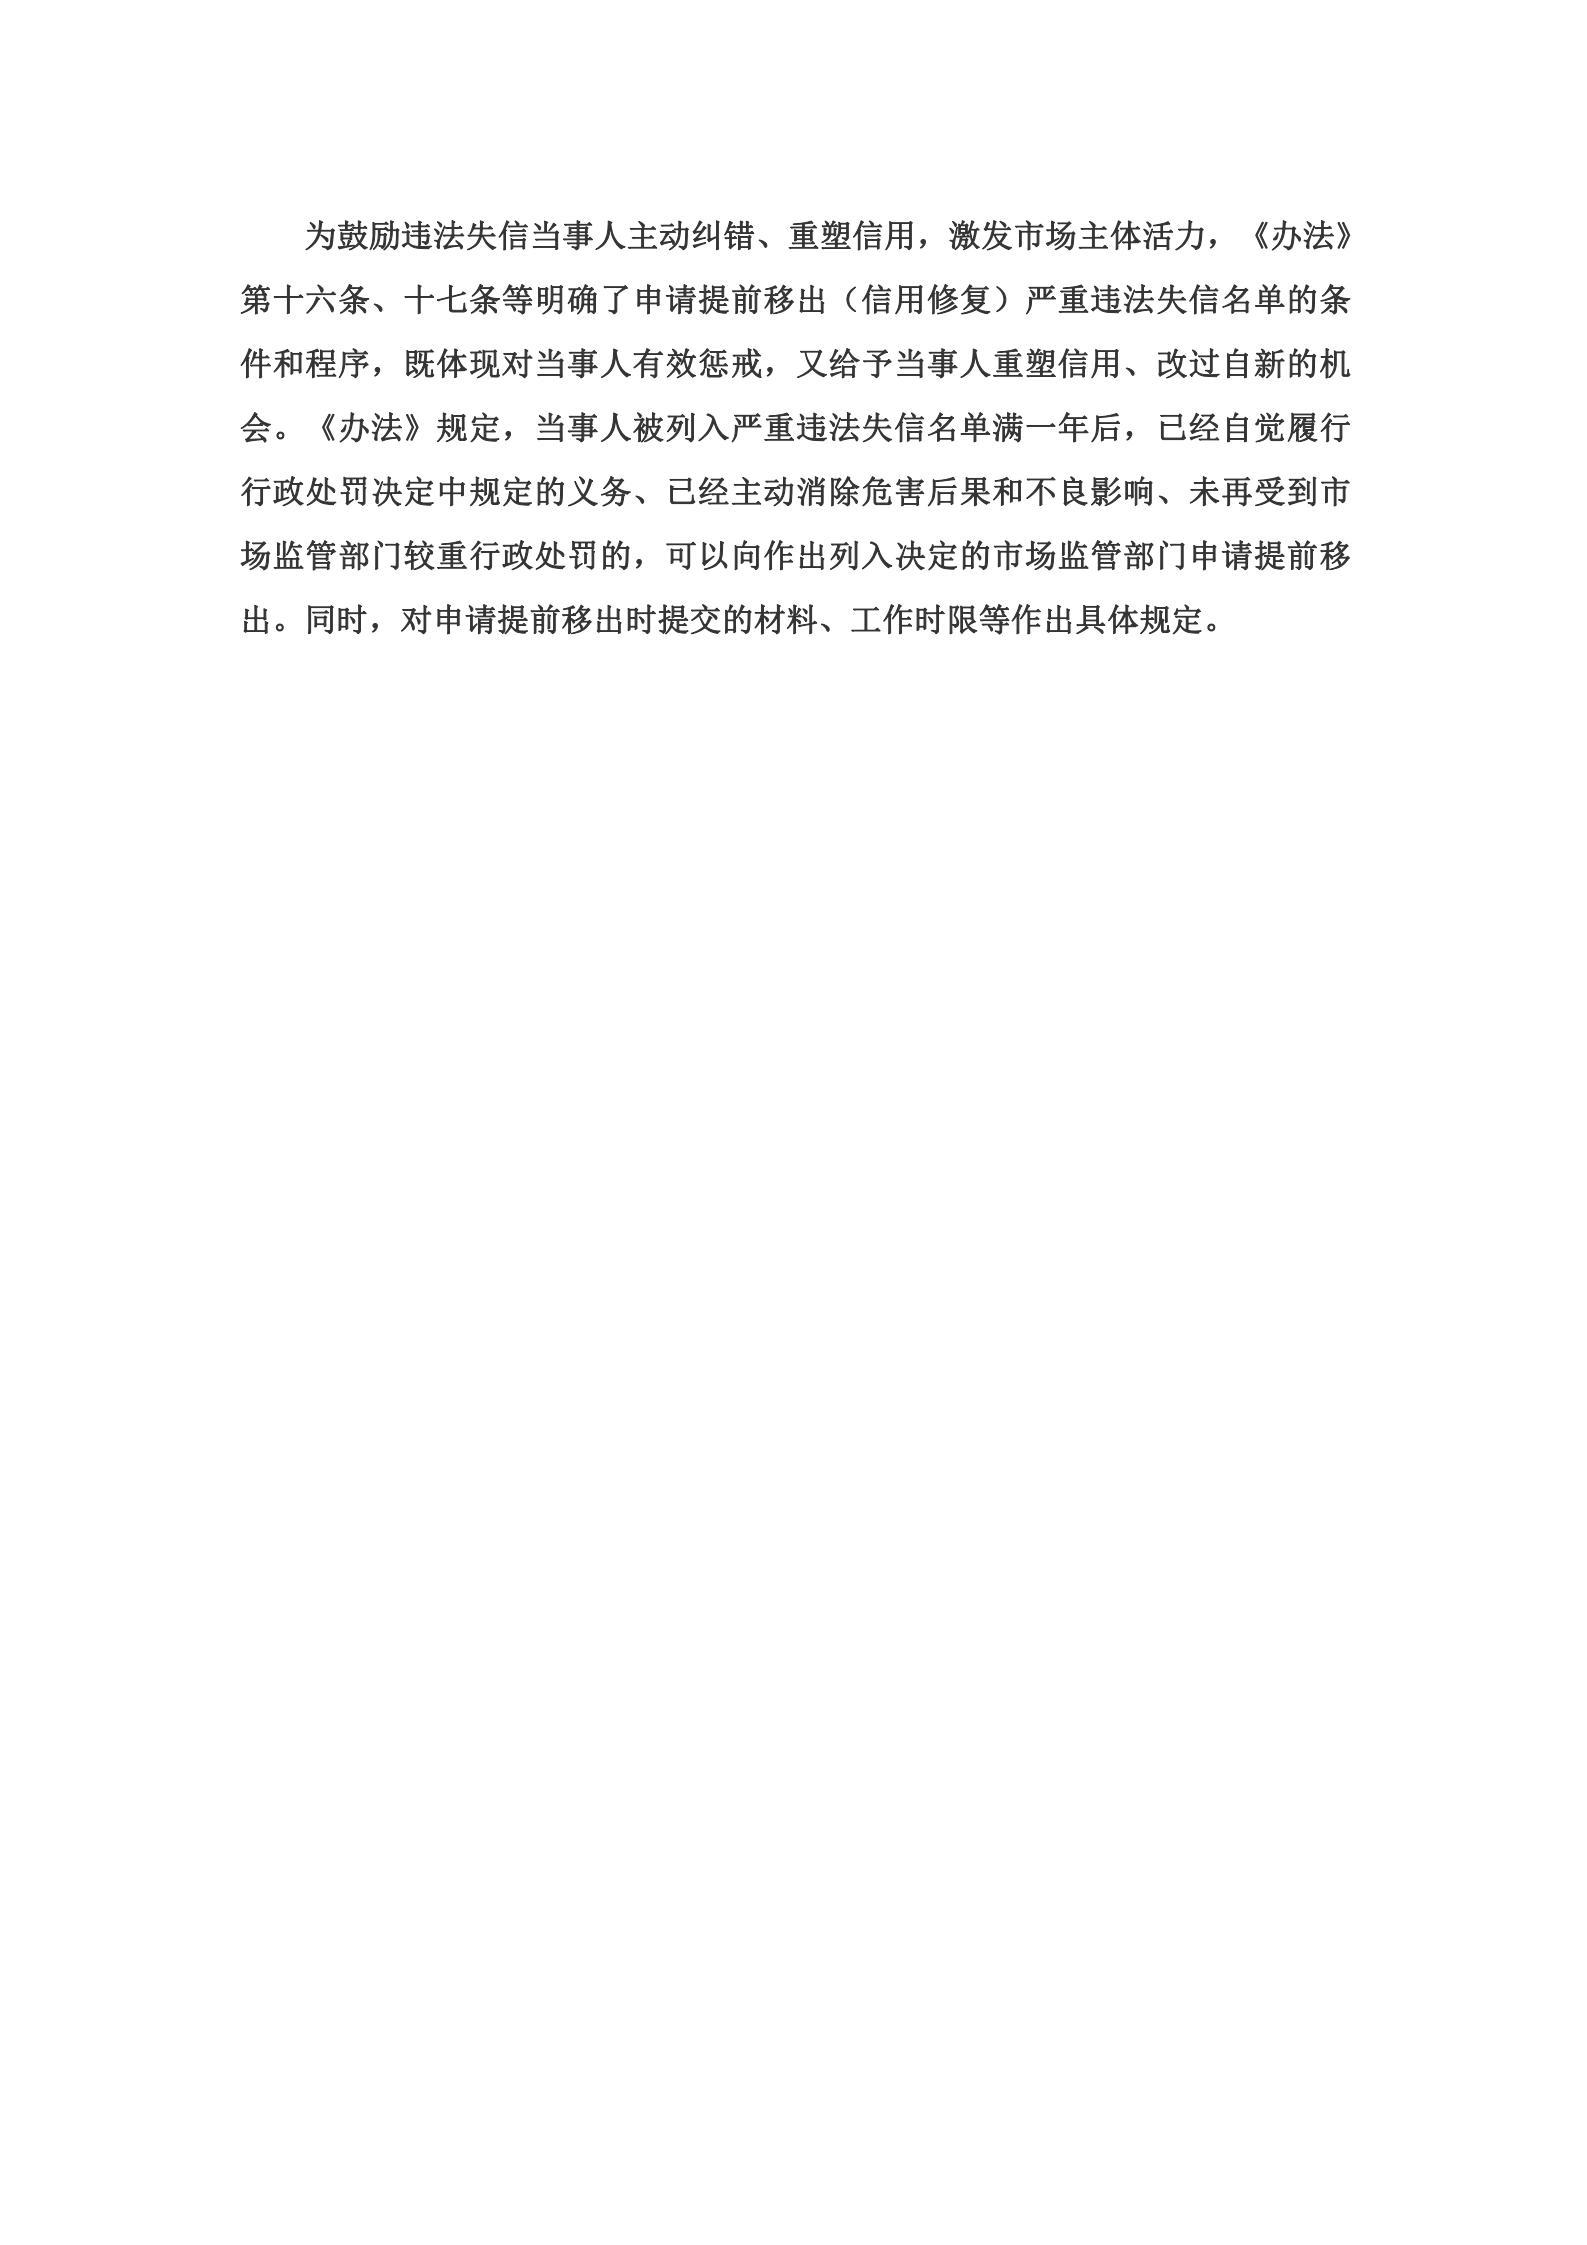 新建 DOC 文档_03.jpg